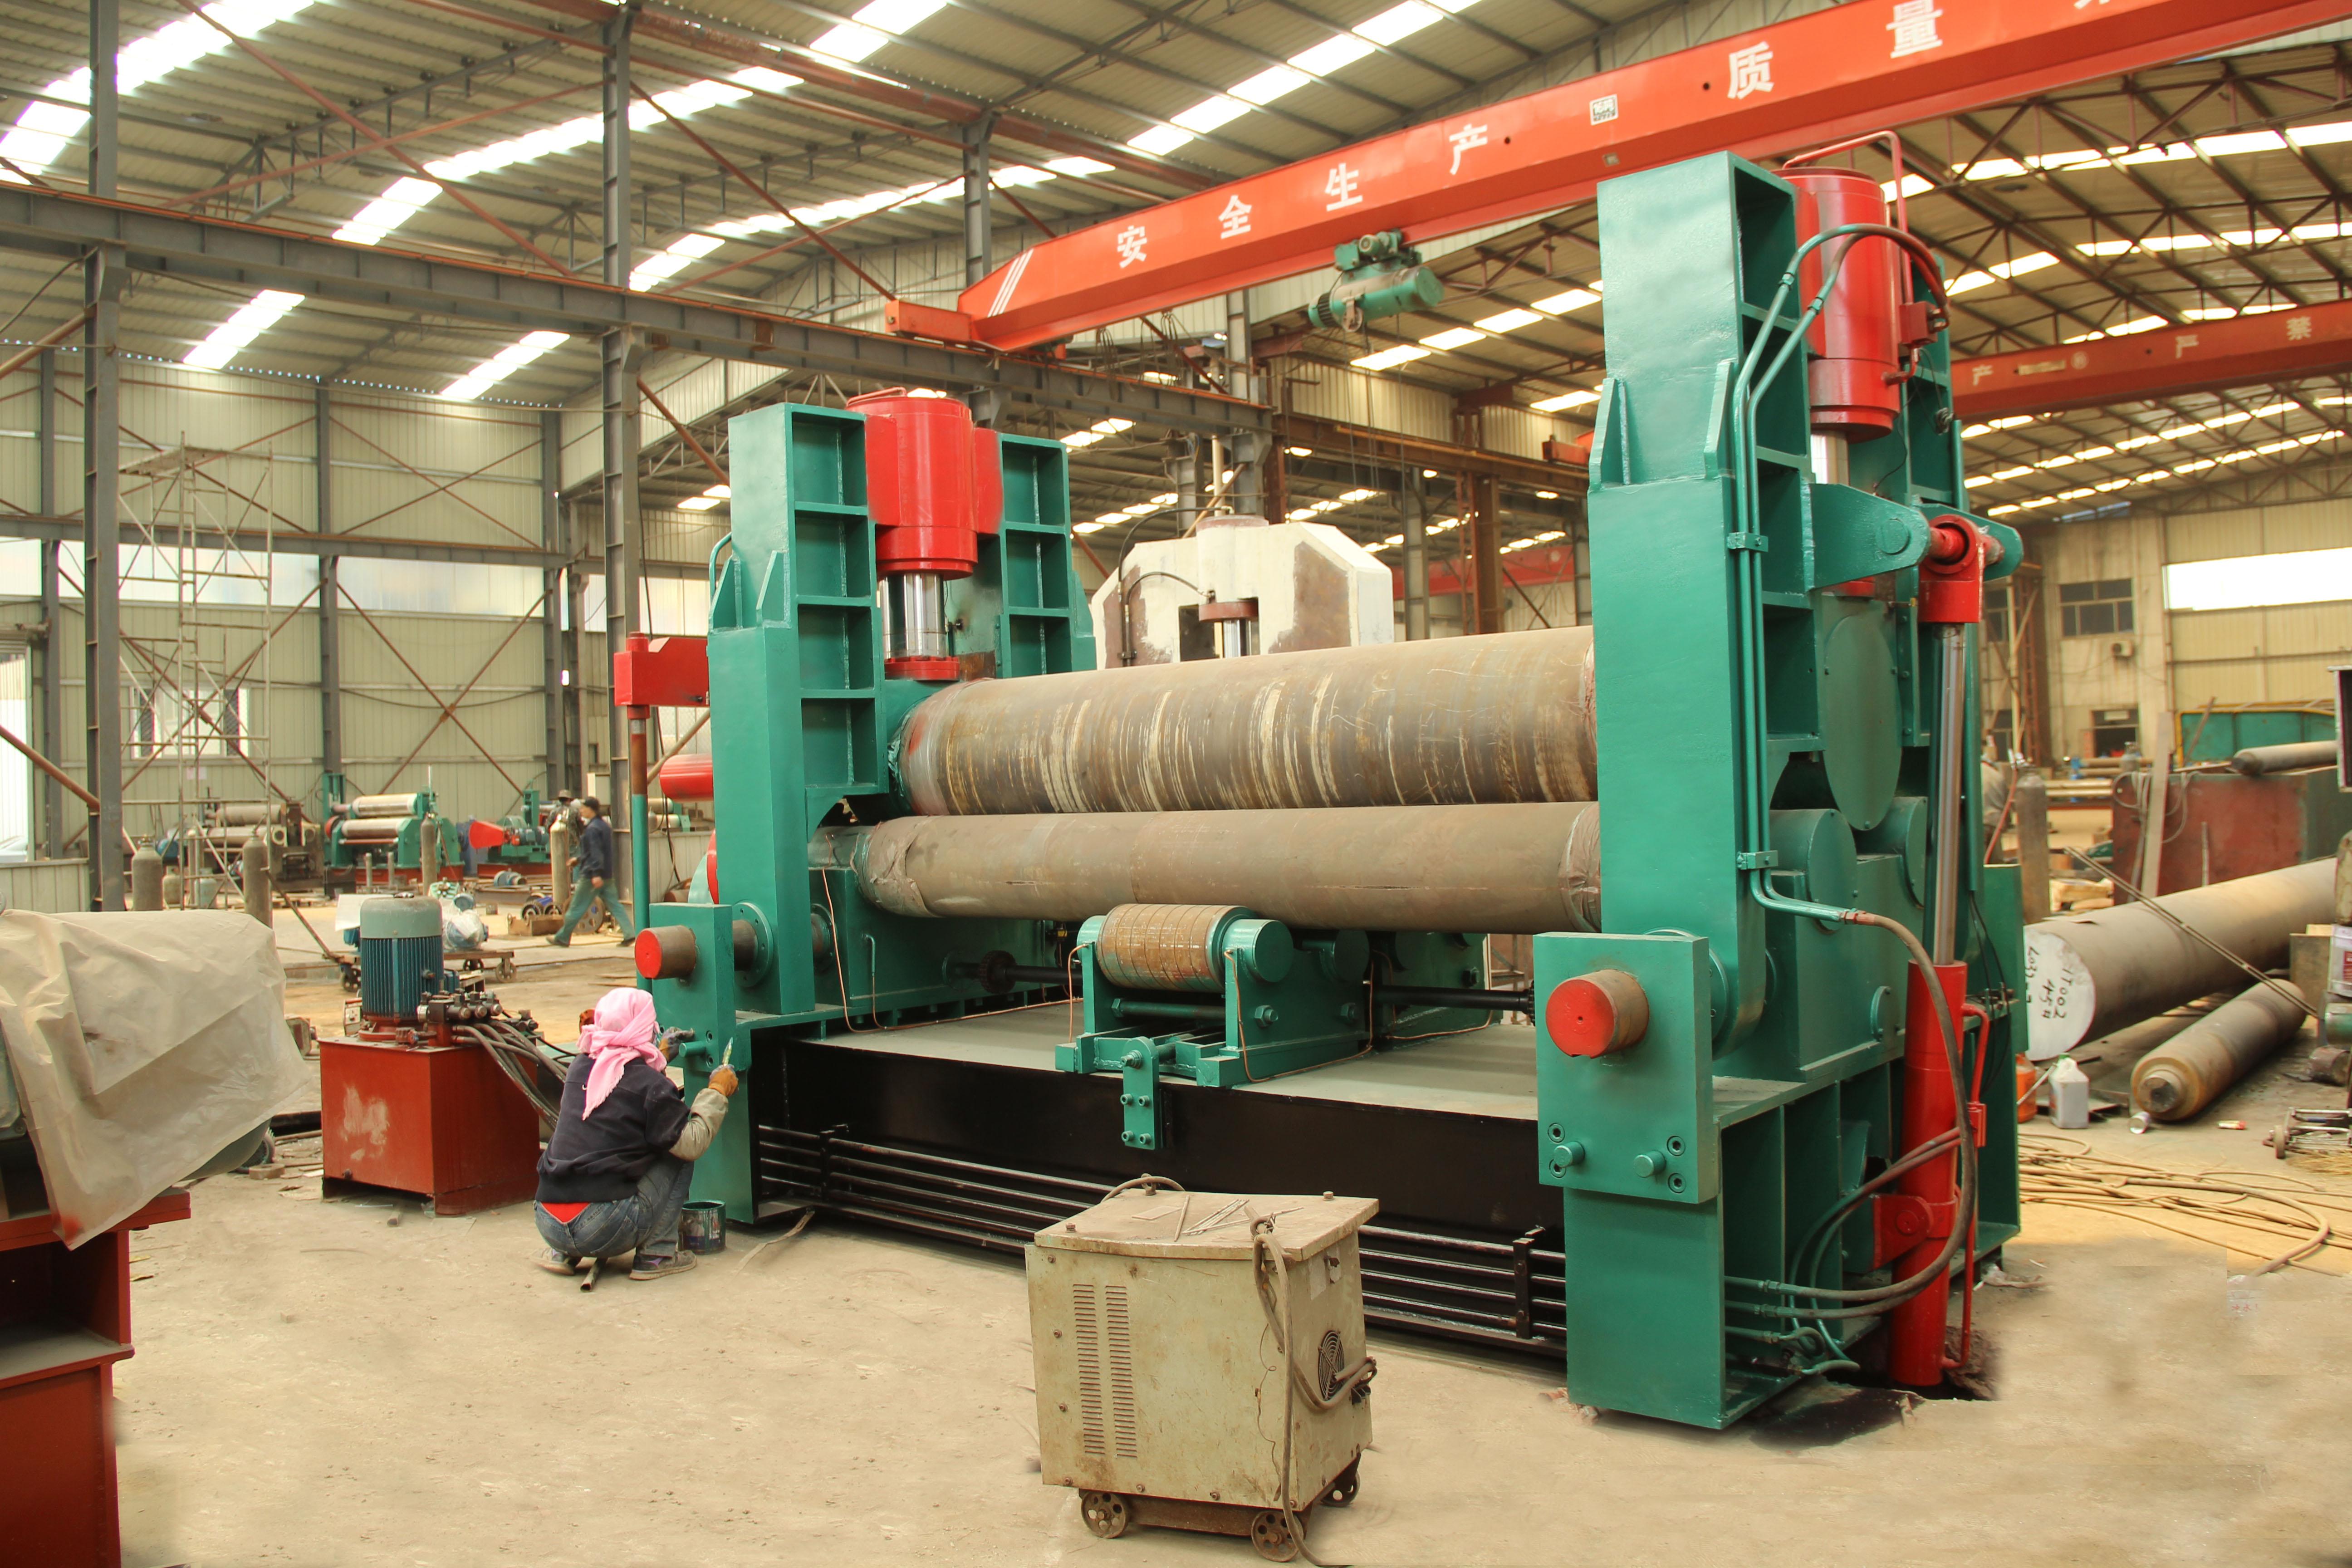 卷板机厚钢板卷圆机压力容器筒体成 卷板机压力容器筒体卷圆成型机